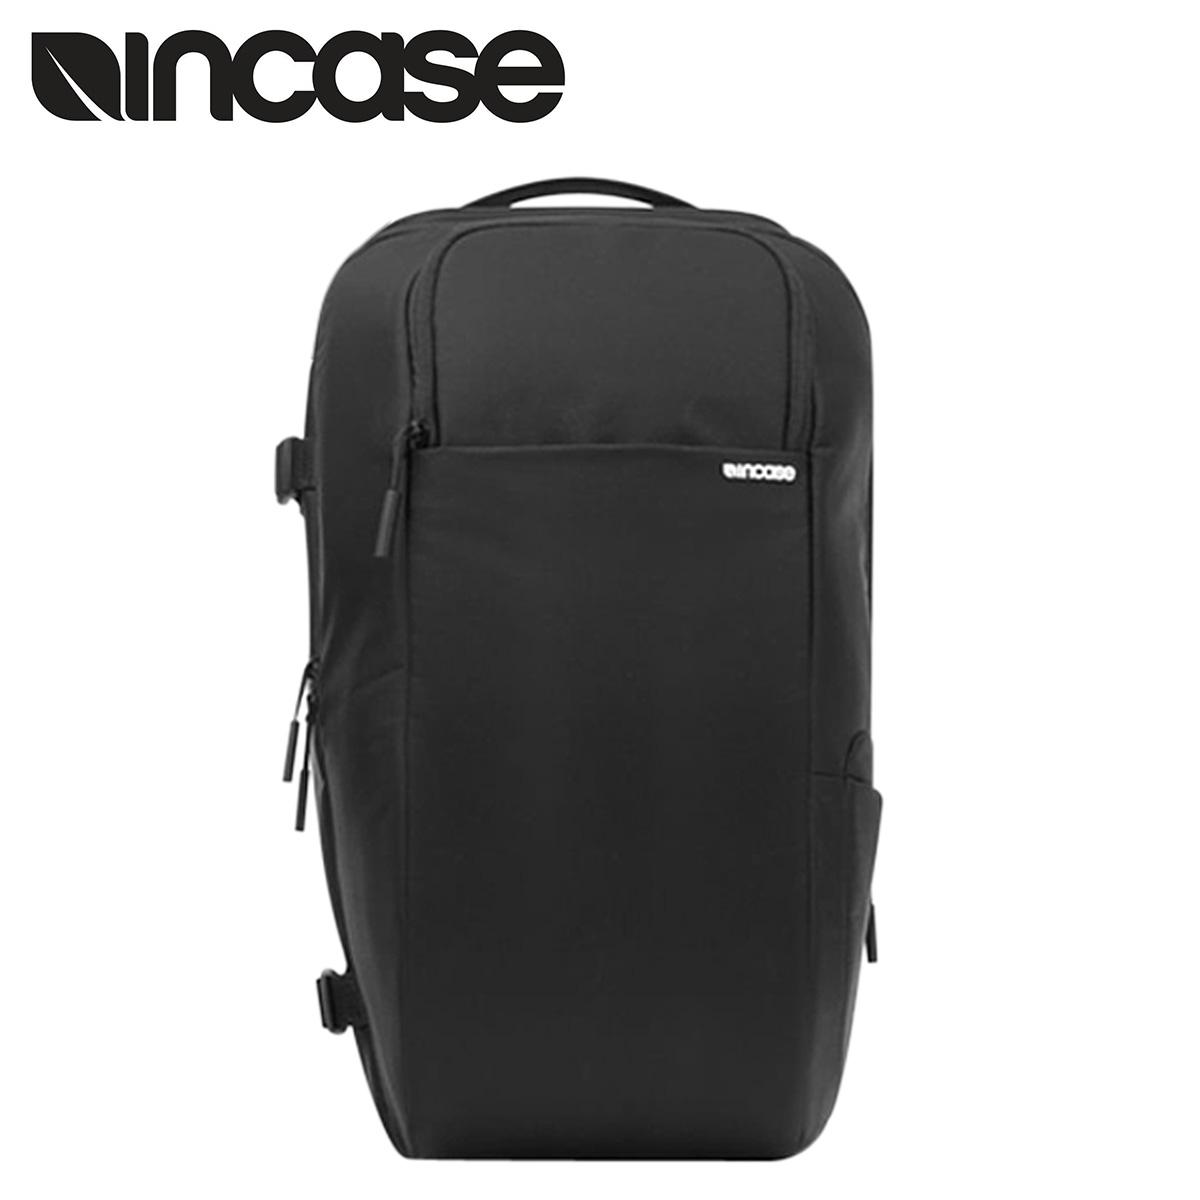 【最大2000円OFFクーポン】 INCASE インケース カメラバッグ バックパック リュック CL58068 ブラック DSLR PRO PACK -NYLON メンズ